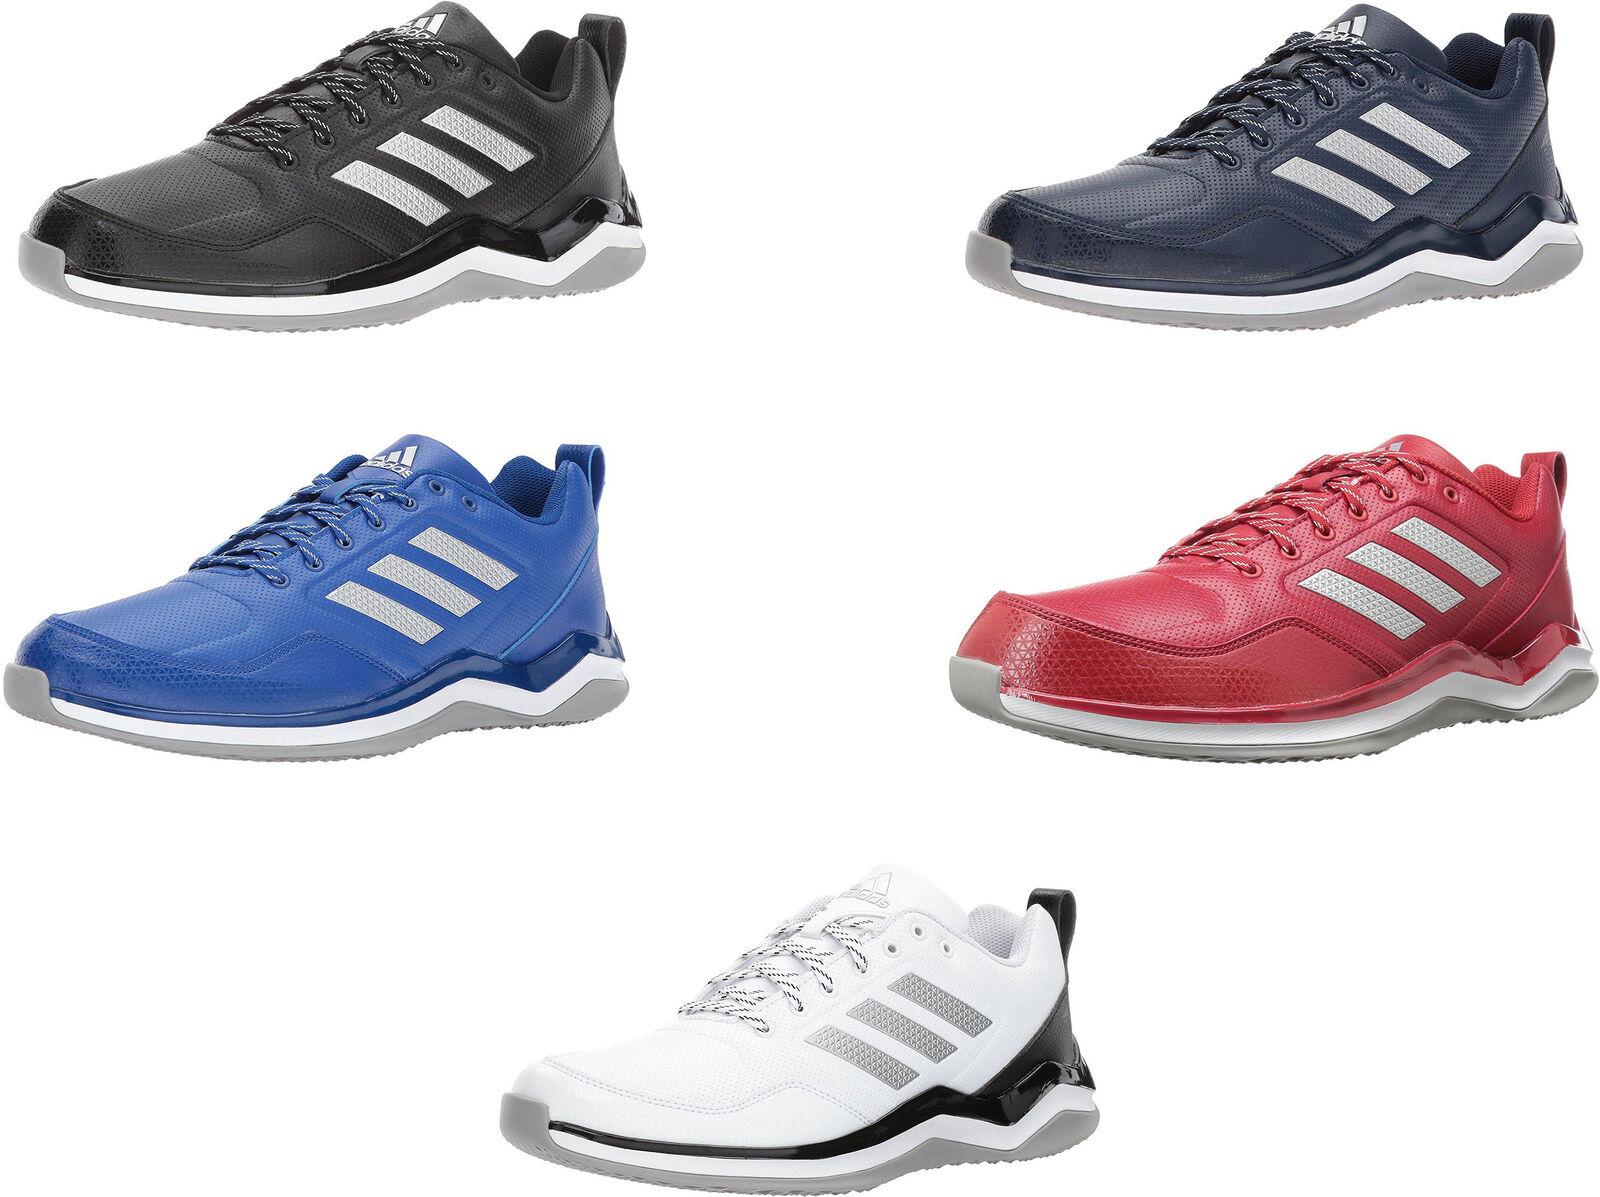 adidas männer speed - 5 trainer 3 schuhe, 5 - farben 561abc